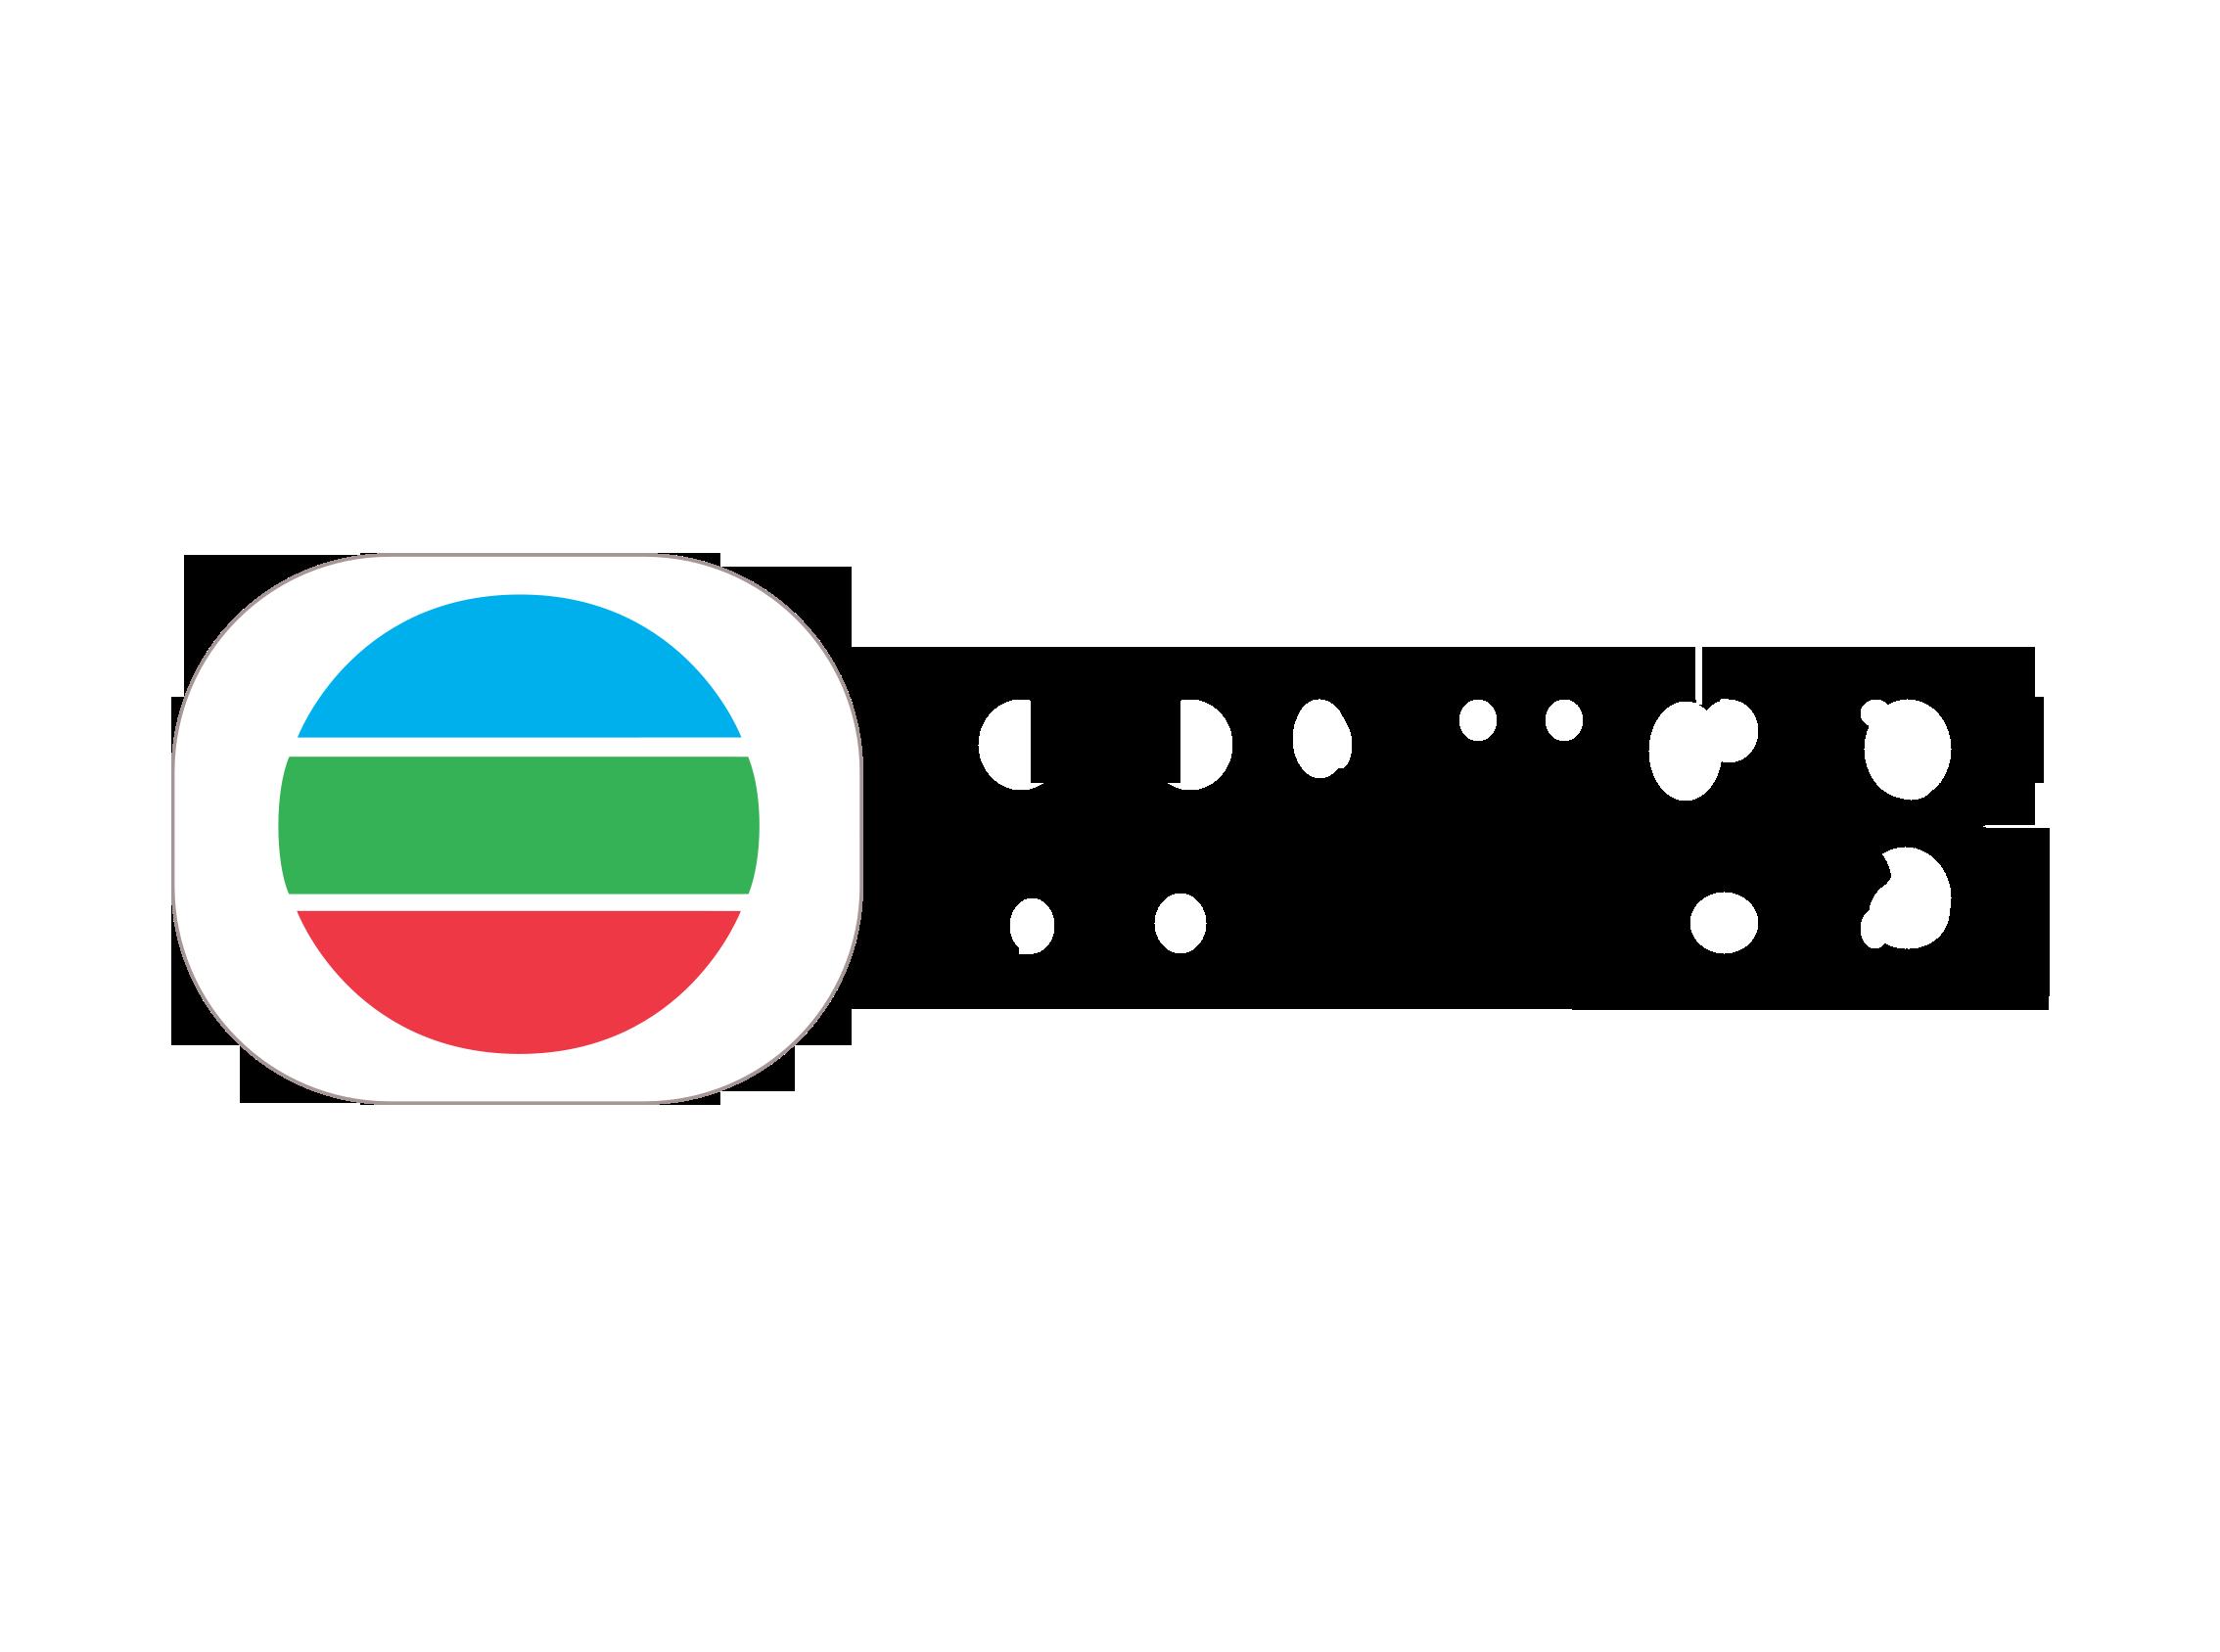 logo logo 标志 设计 矢量 矢量图 素材 图标 2268_1688